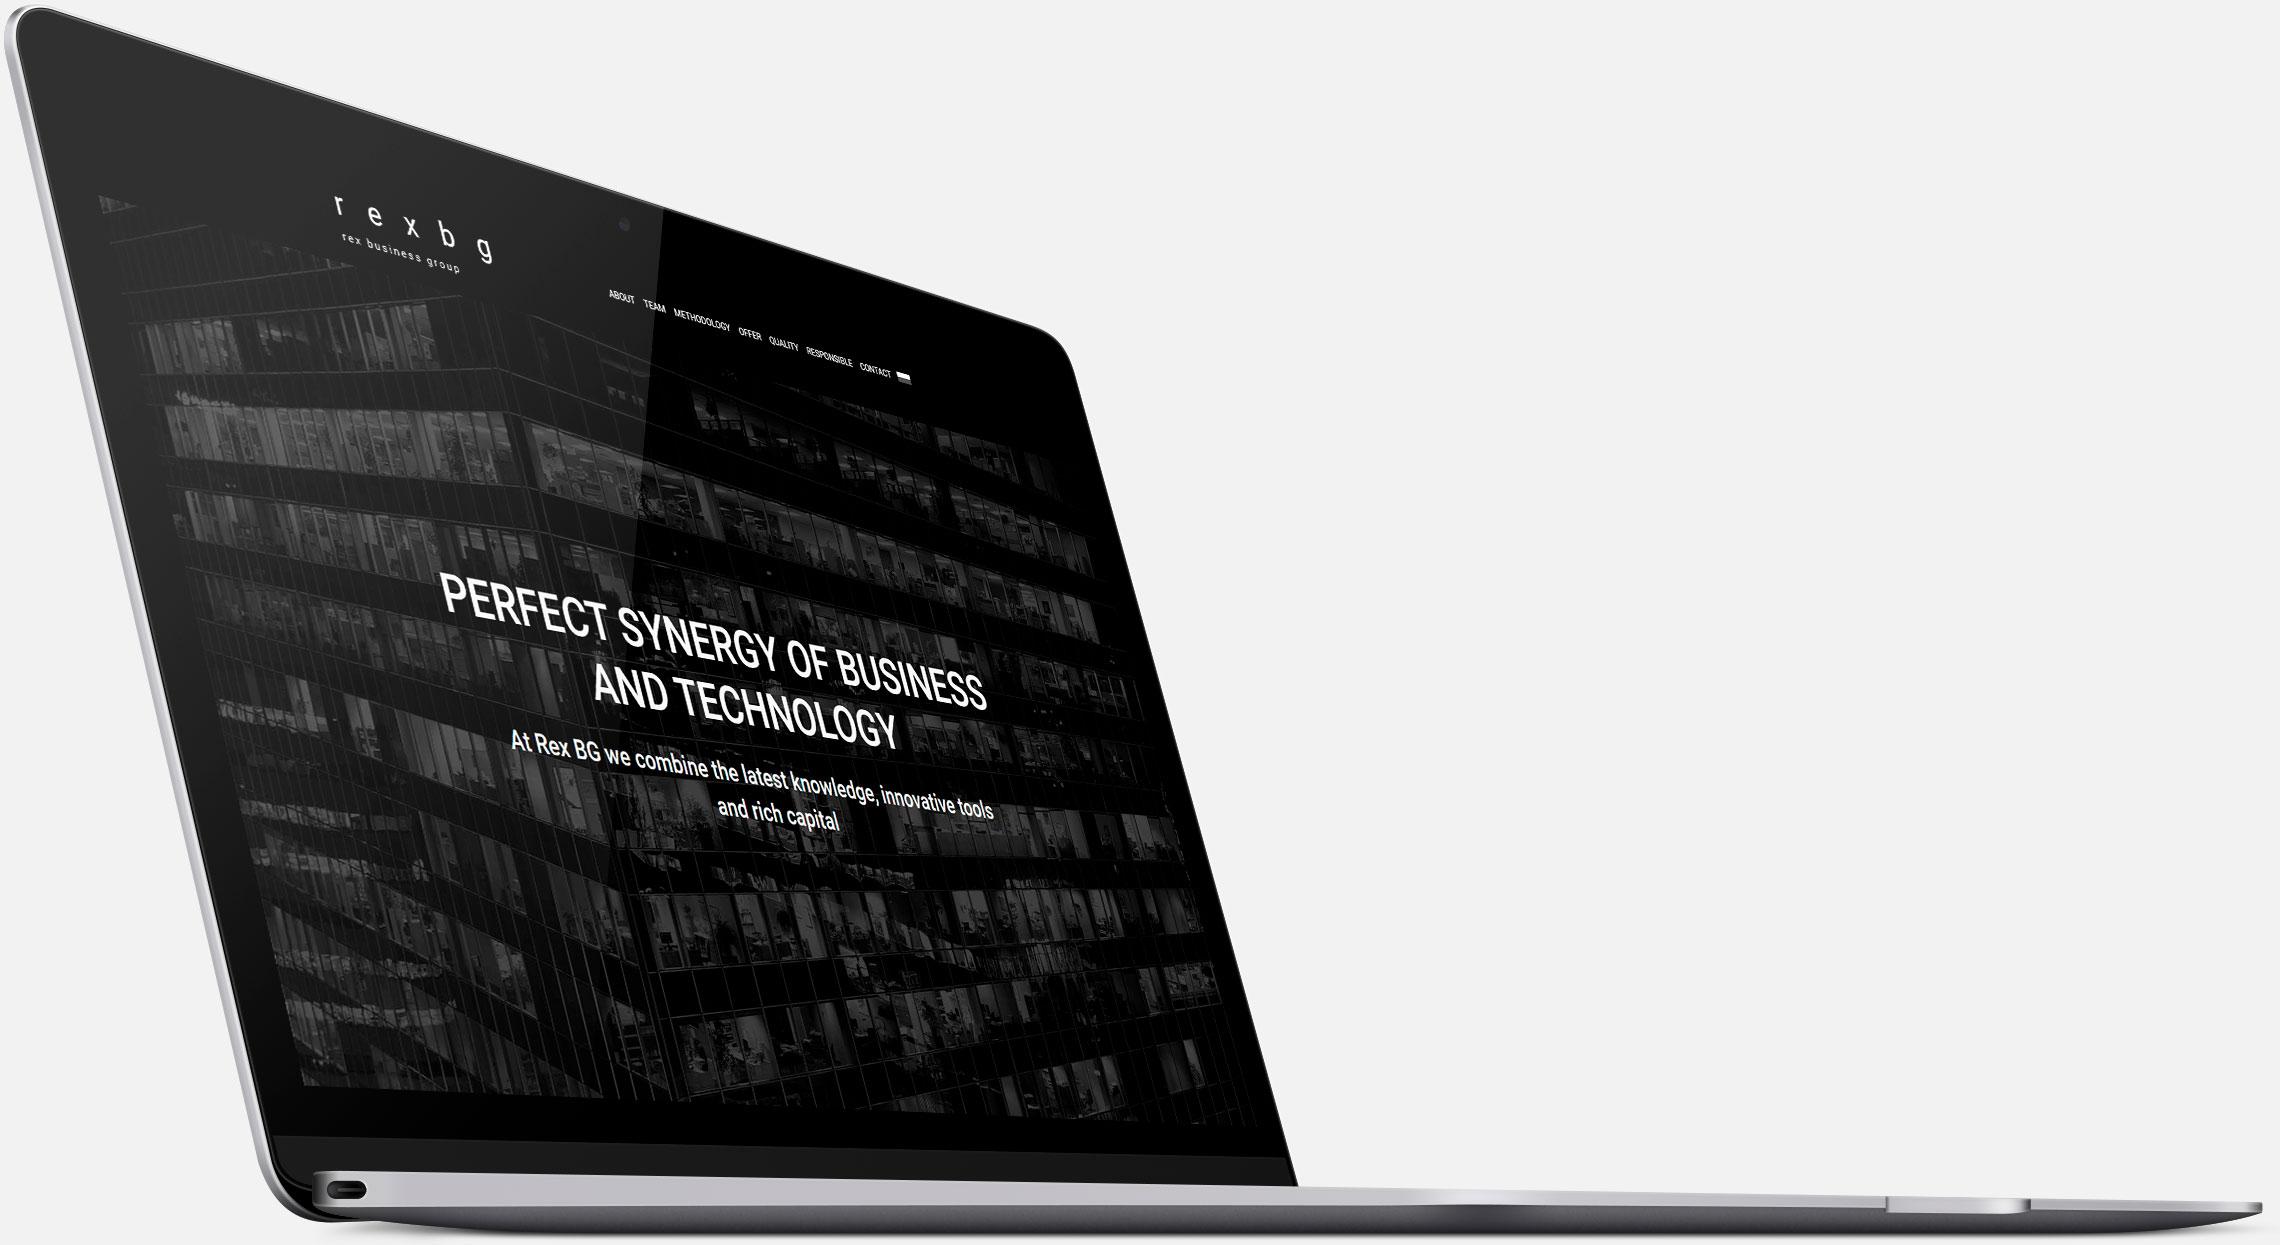 Strona internetowa Rex BG wwersji naurządzenia desktopowe